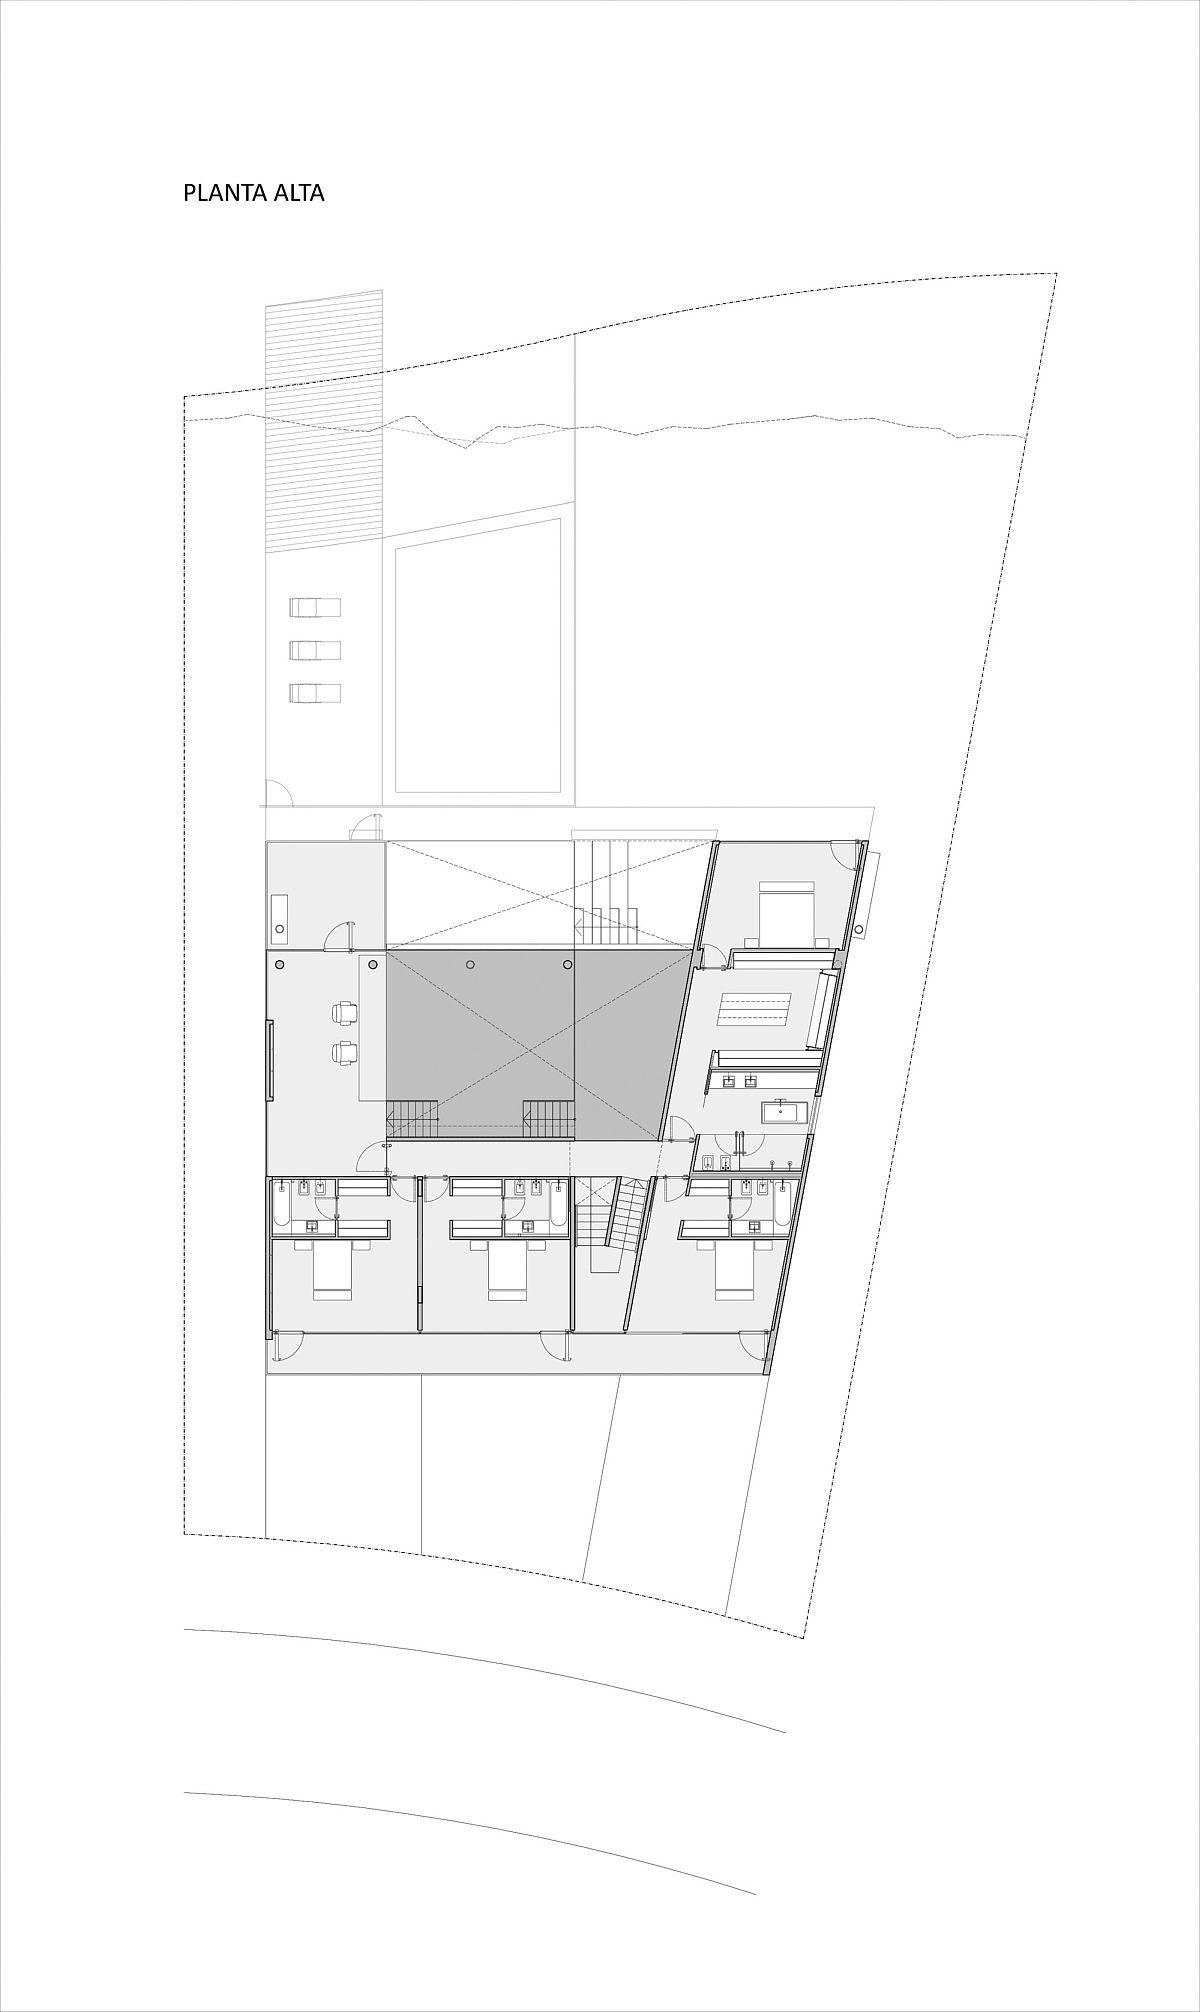 Plan d'étage de niveau supérieur de la maison Castores moderne à Buenos Aries